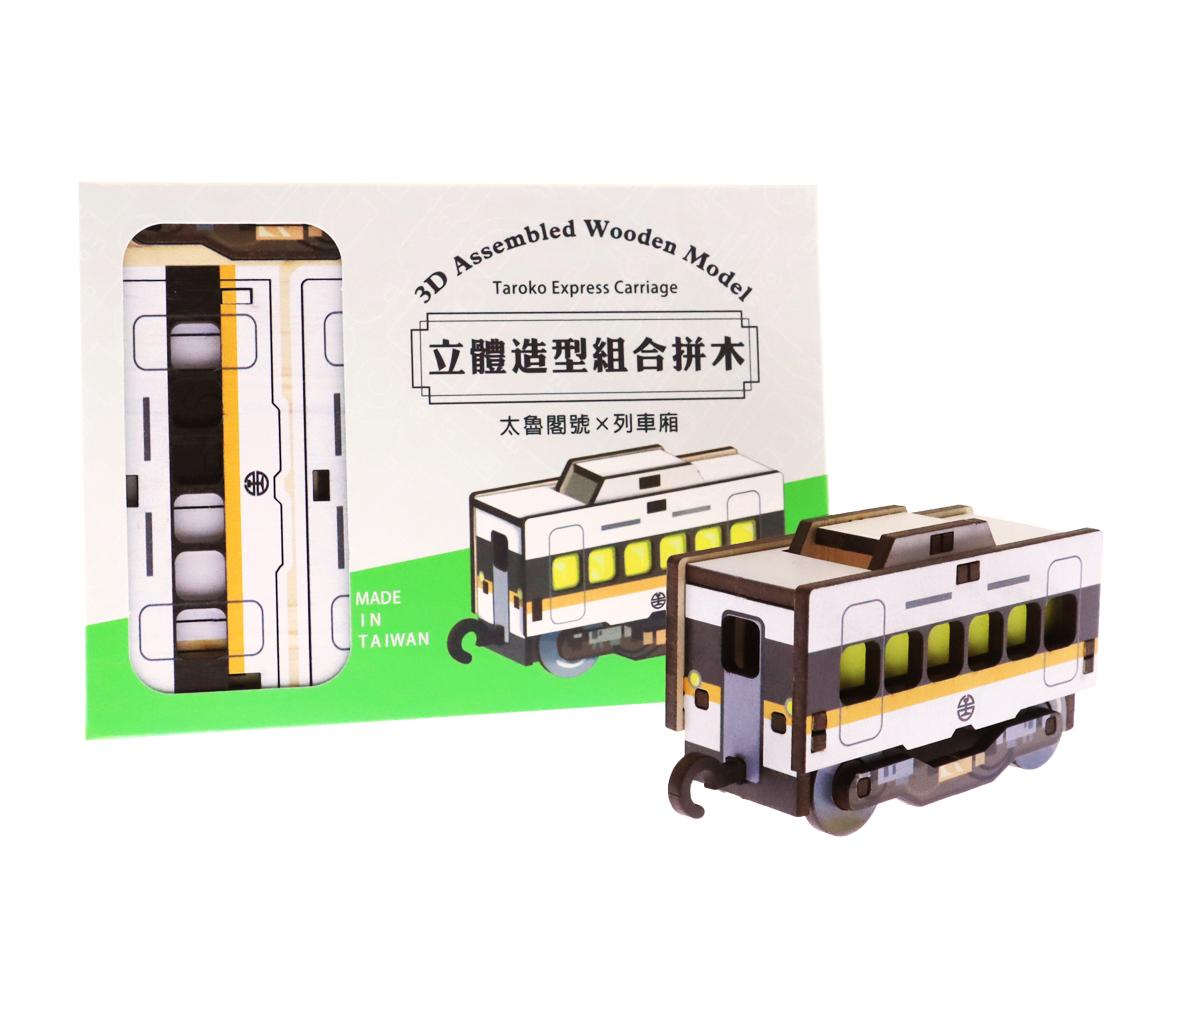 太魯閣車廂立體組合拼木